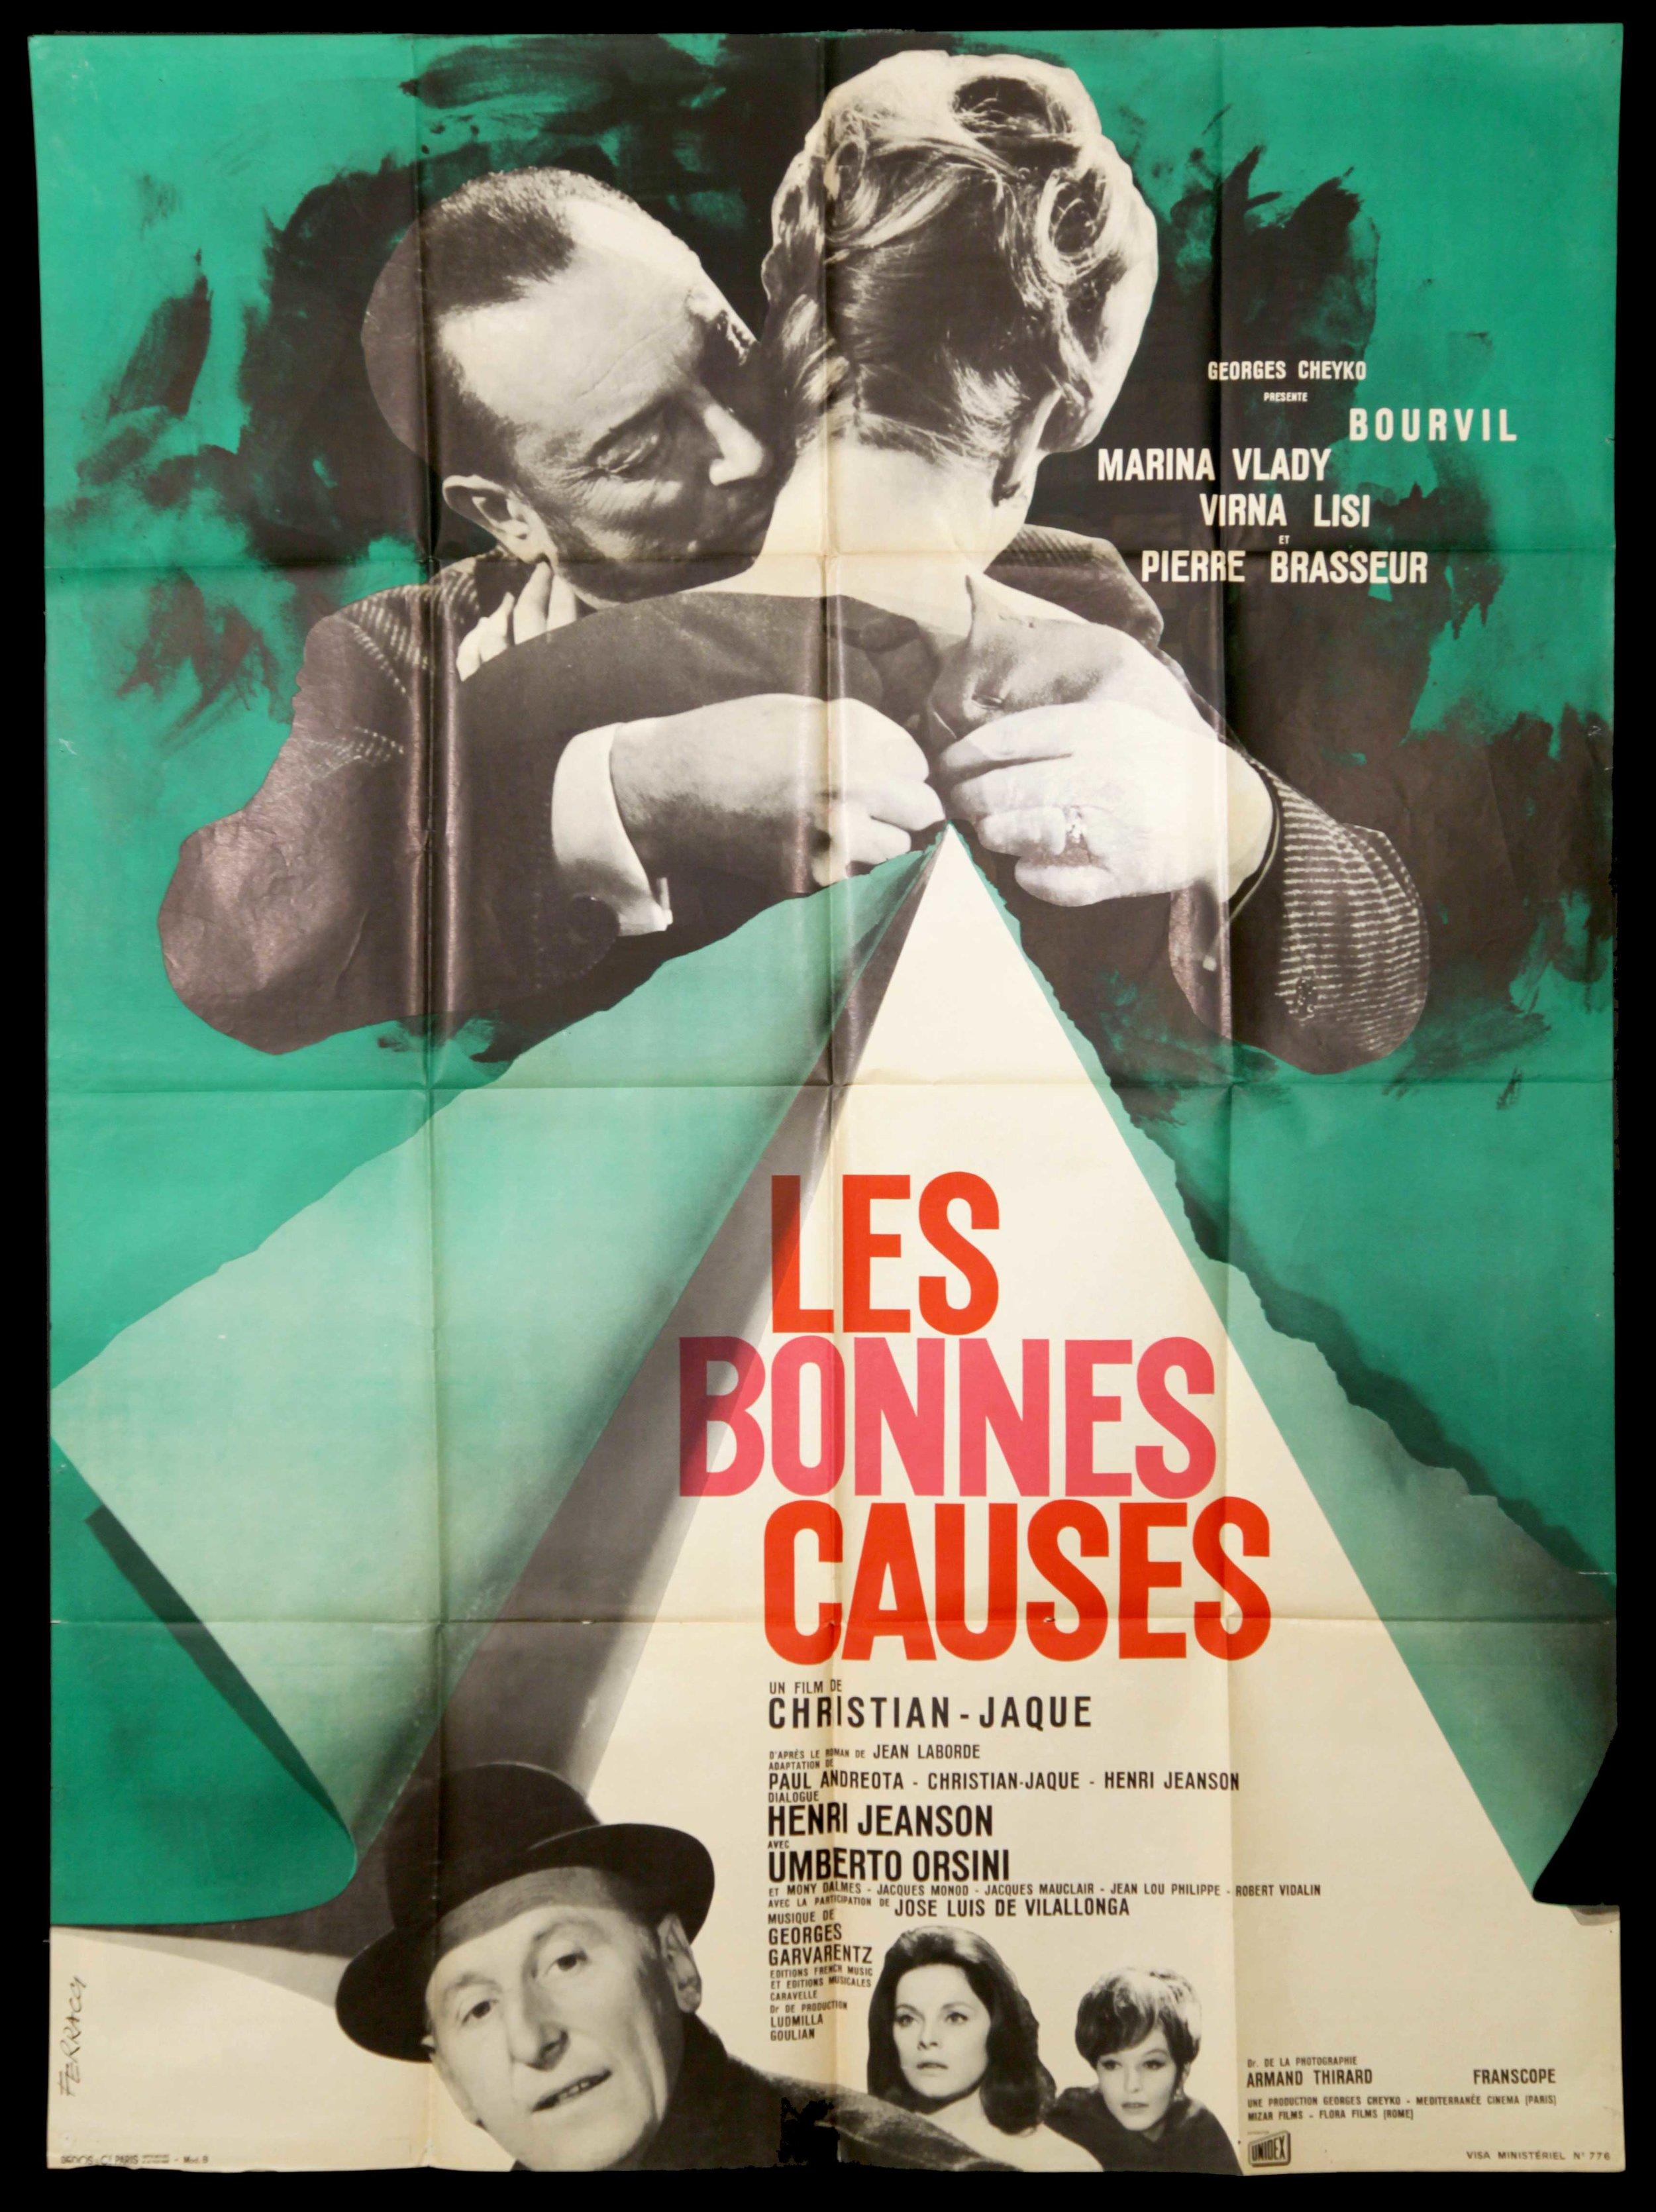 Les Bonnes Causes (1963)